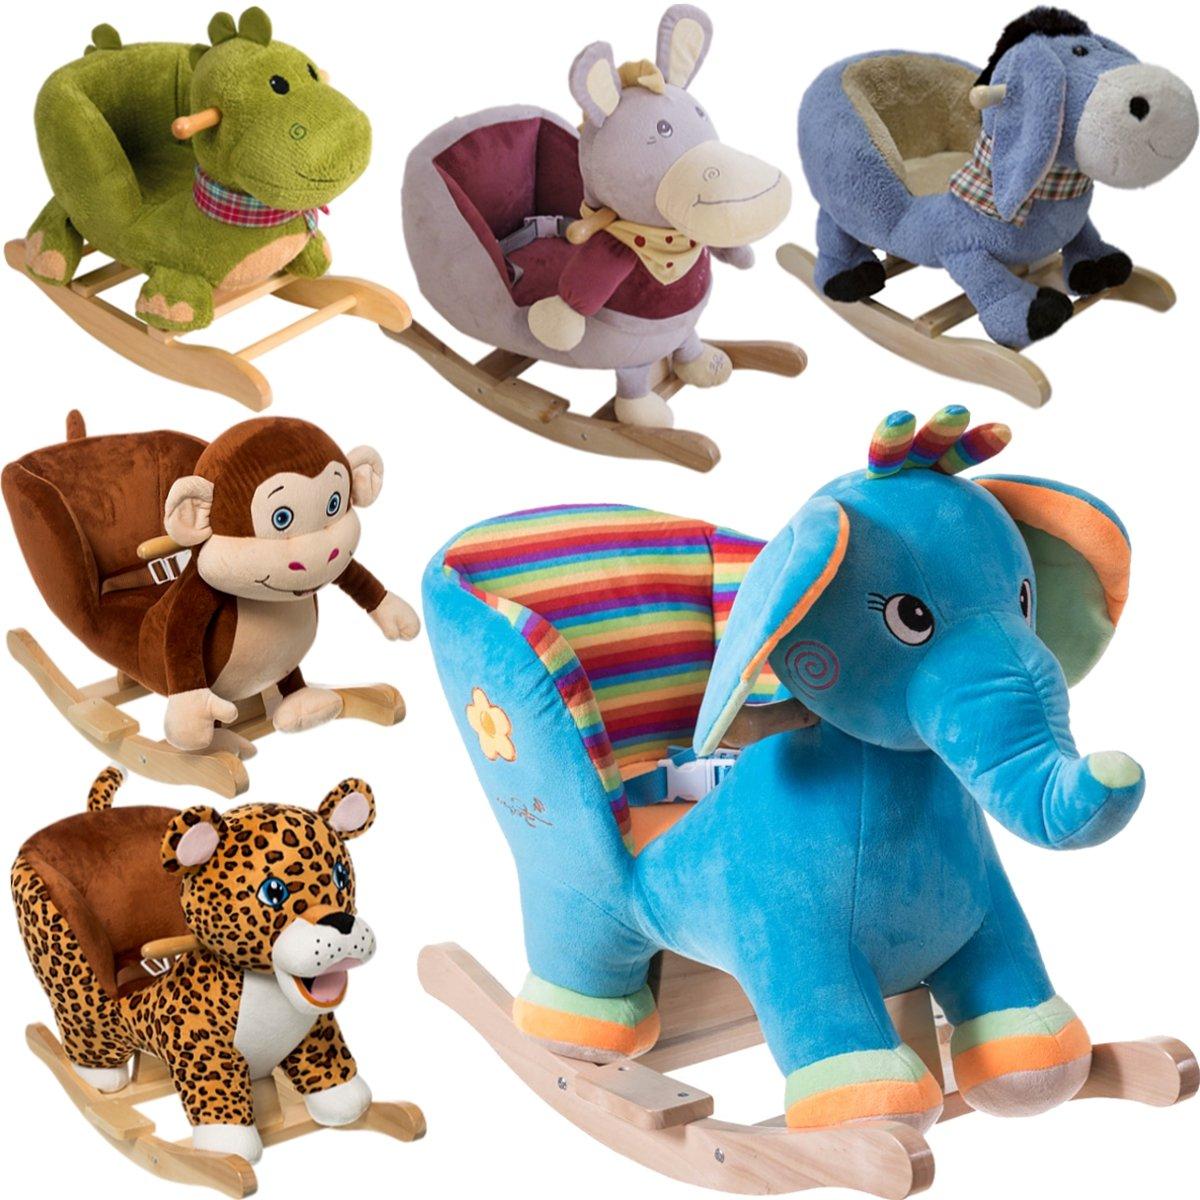 Holzspielzeug Schaukeltier Schaukelpferd Schaukelspielzeug Kinder Schaukel mehrere Auswahl DE